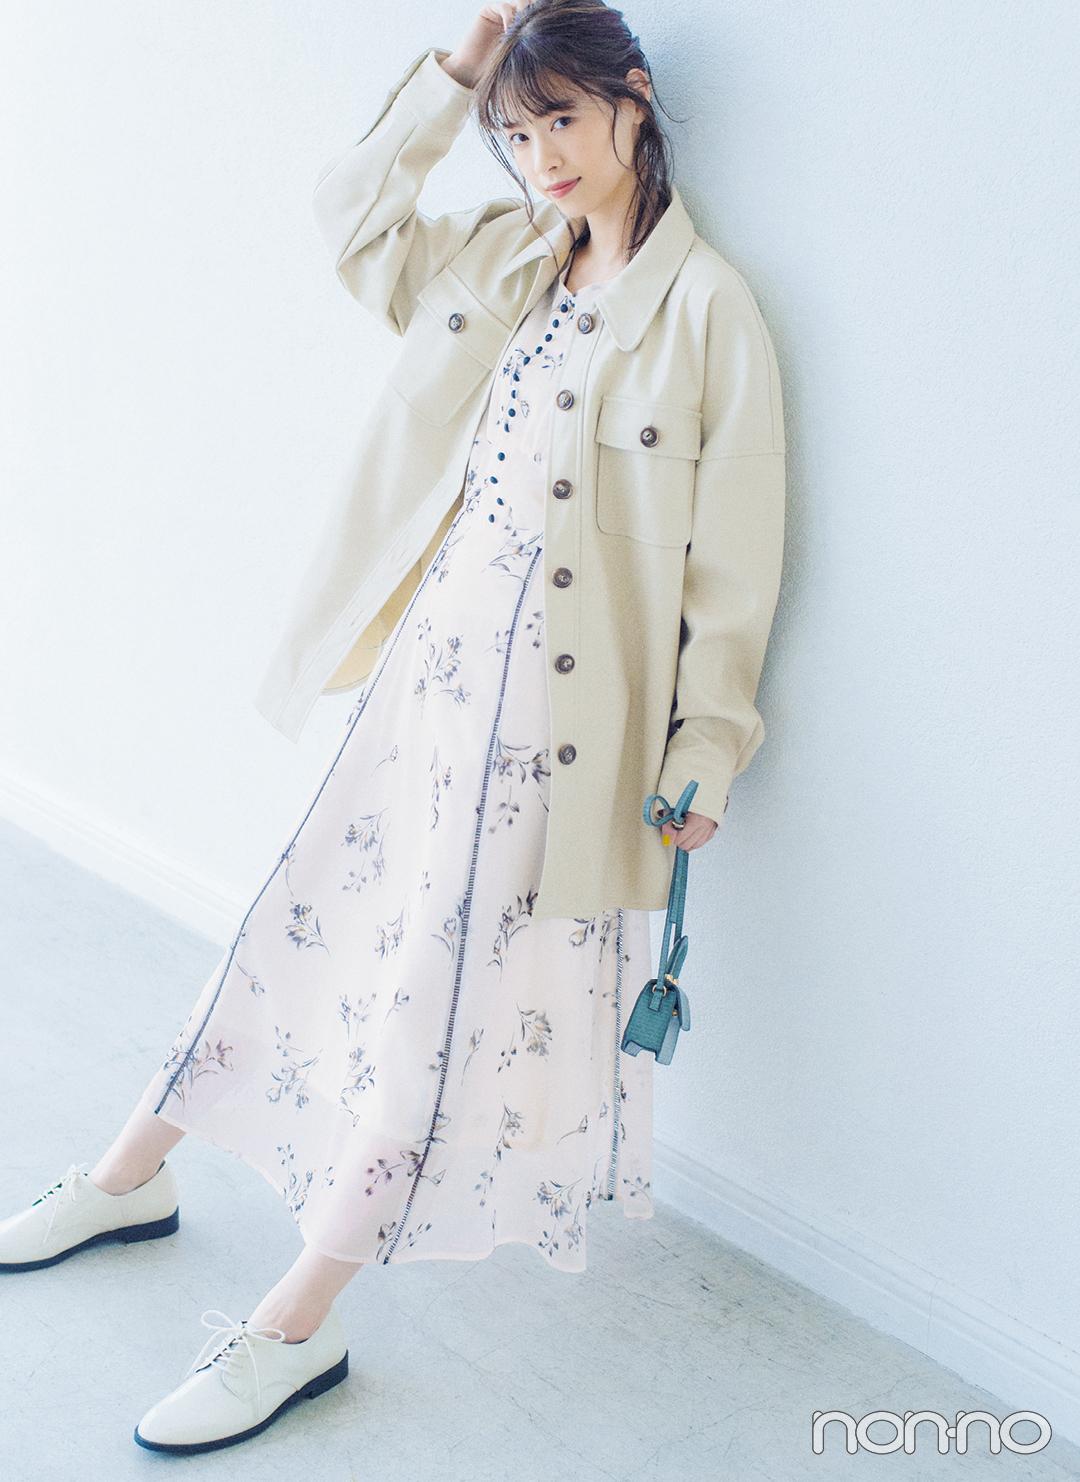 西野七瀬★ ファッションモデルとしての実力がスゴいフォトギャラリー_1_12